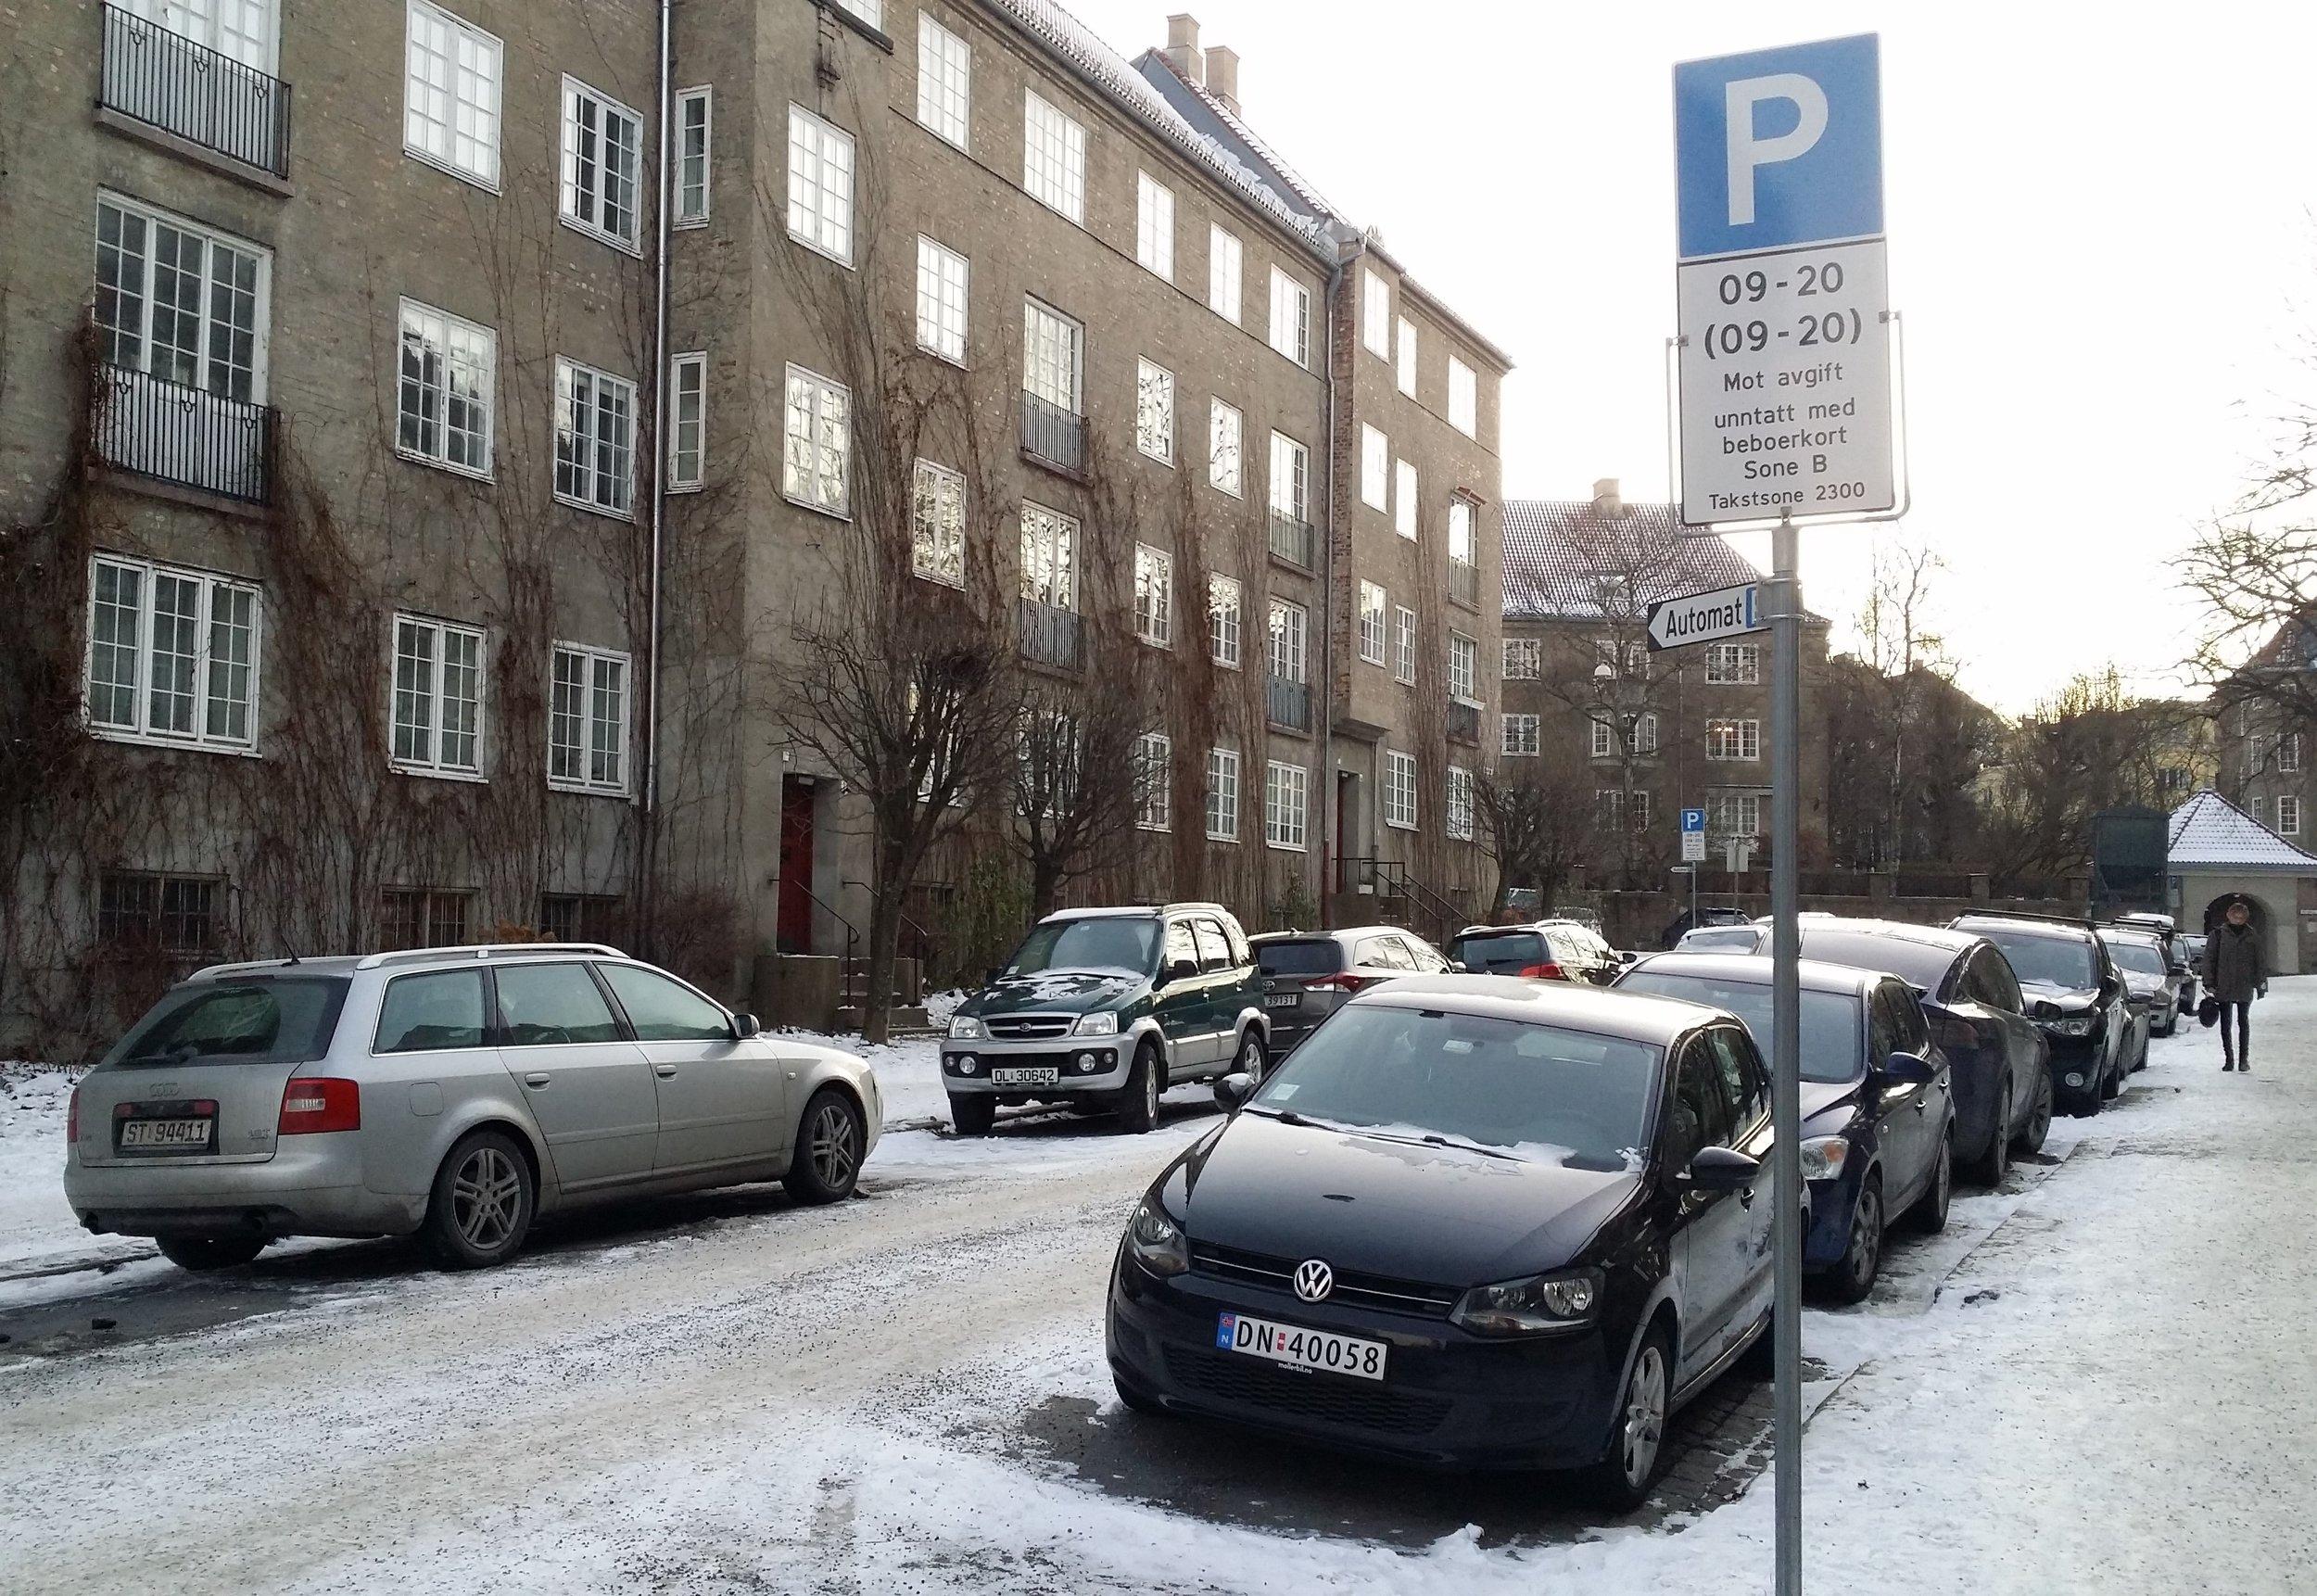 beboerparkering-2.jpg